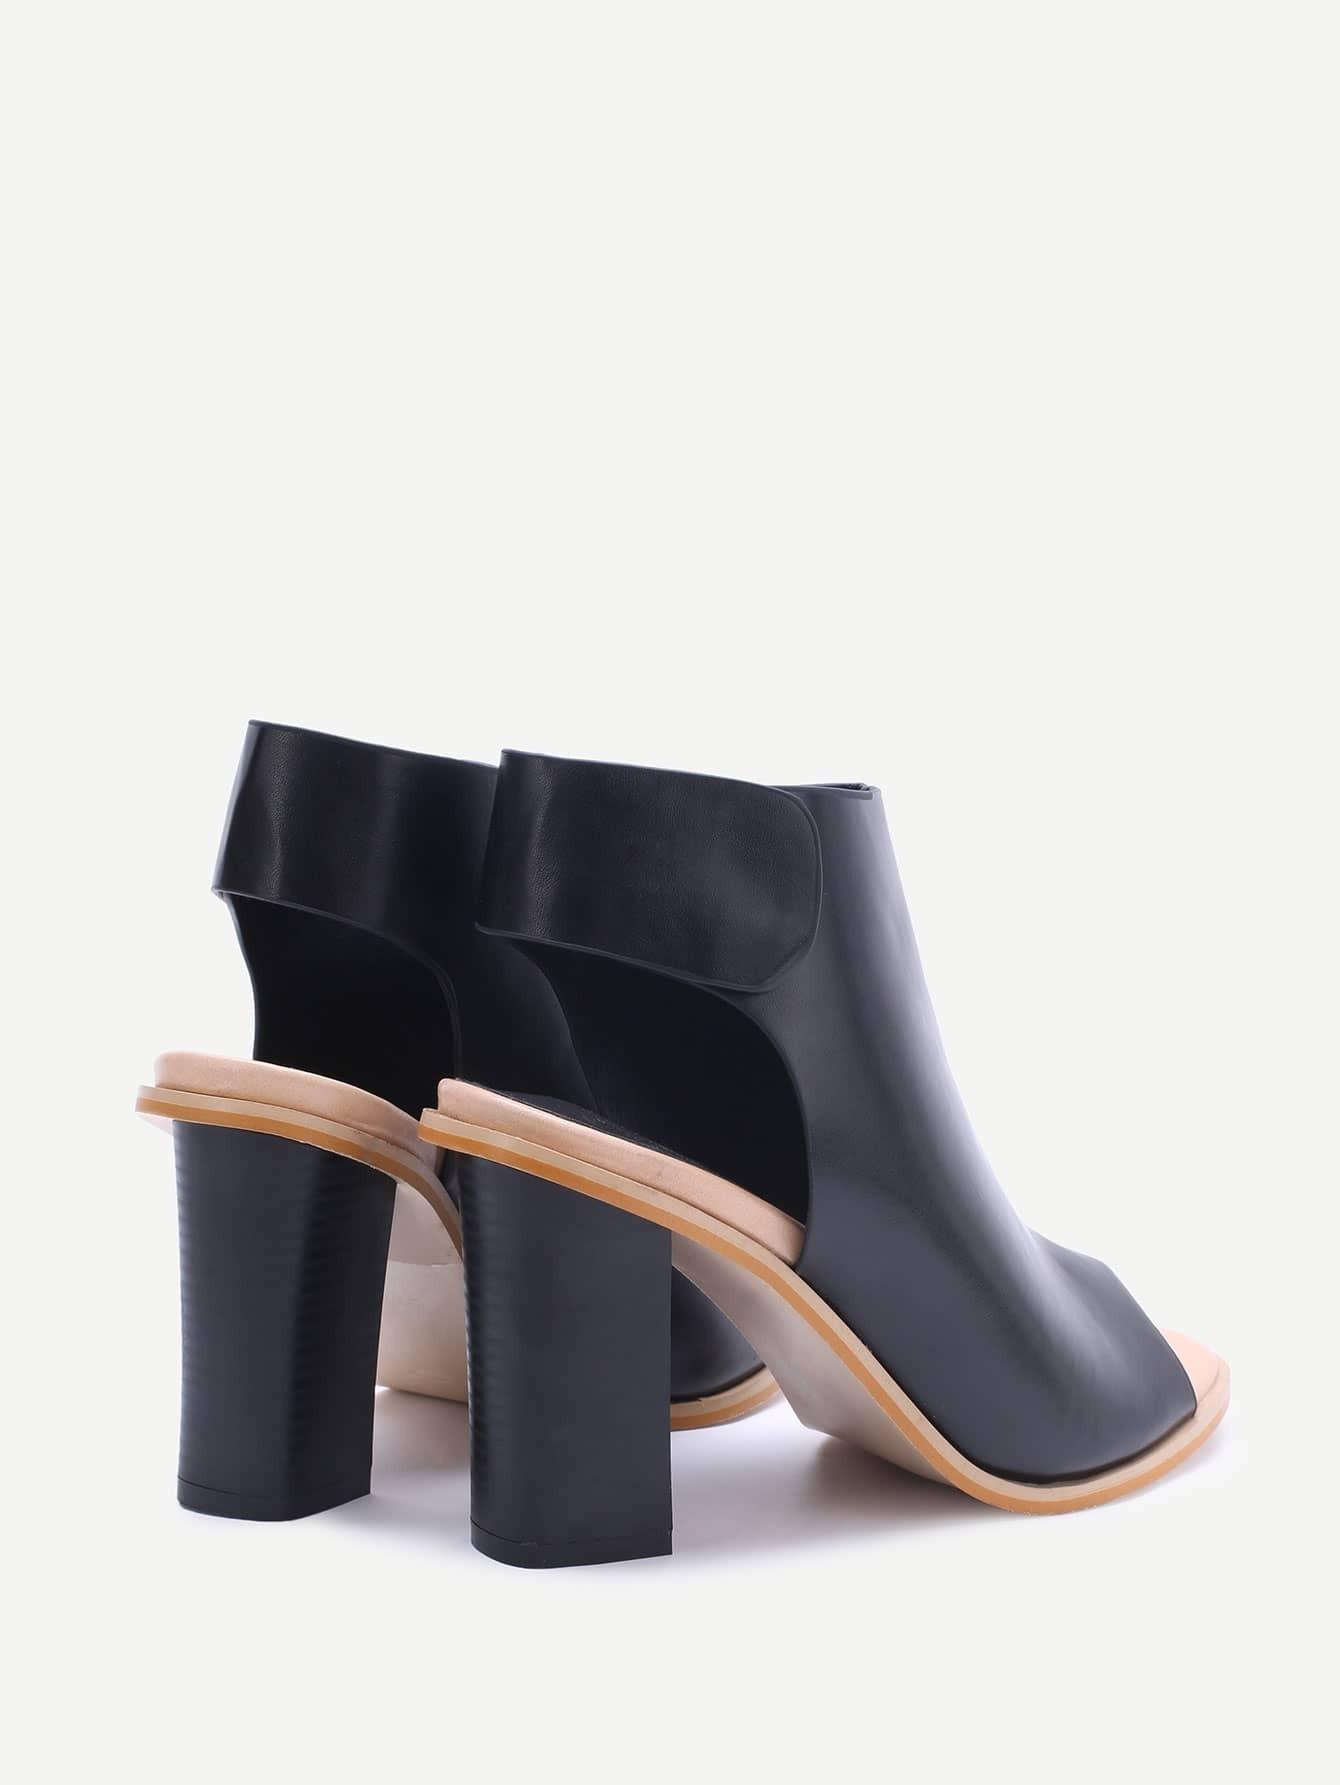 shoes170303802_2